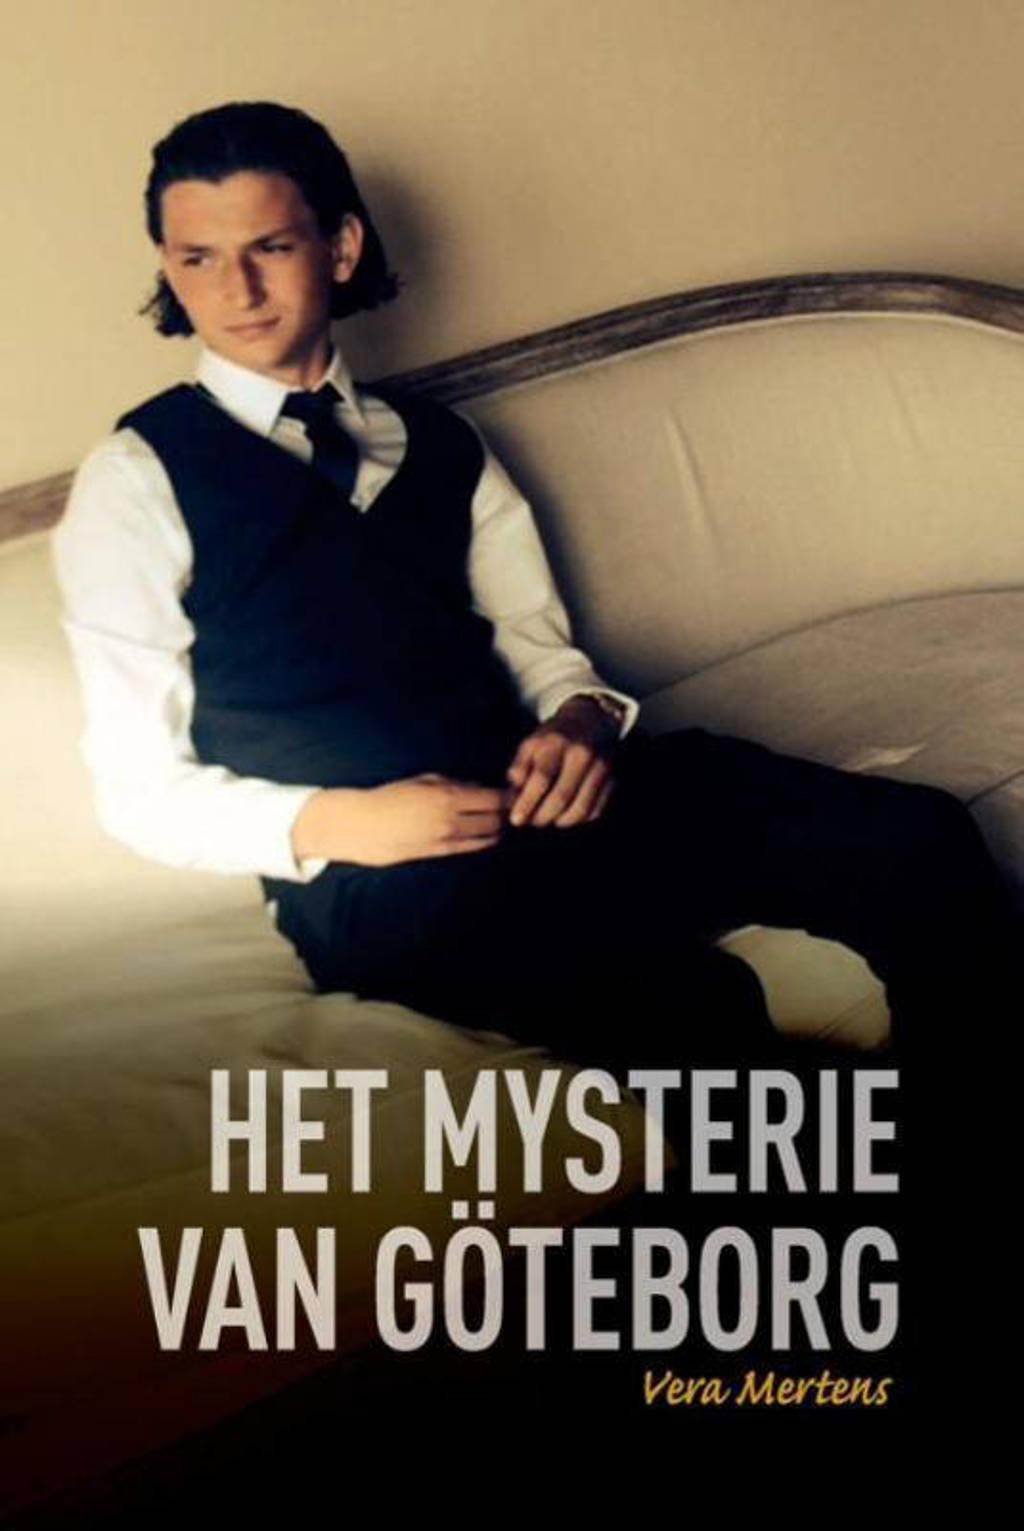 Het mysterie van Göteborg - Vera Mertens